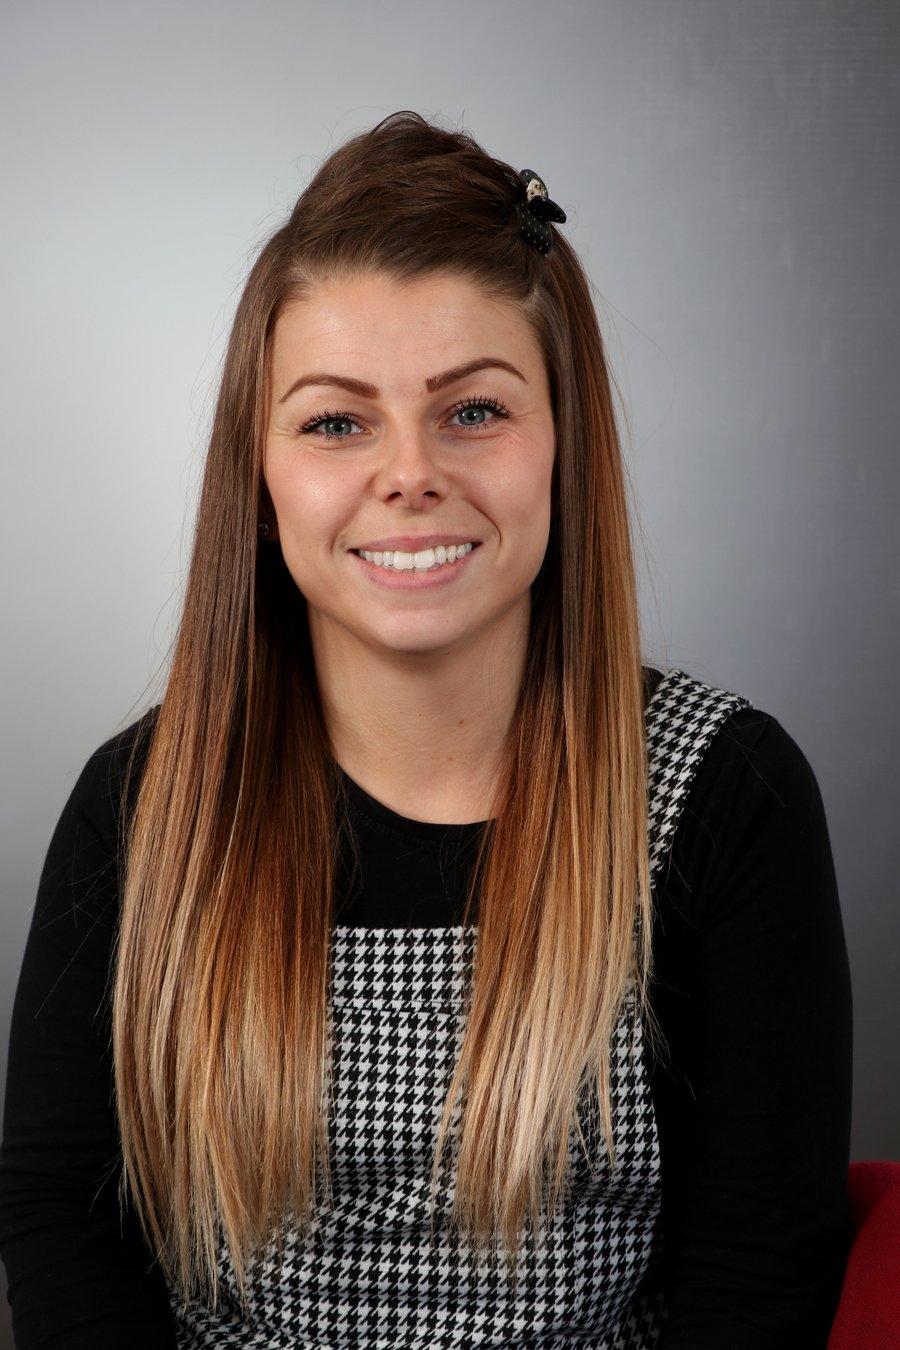 Miss J Gledhill